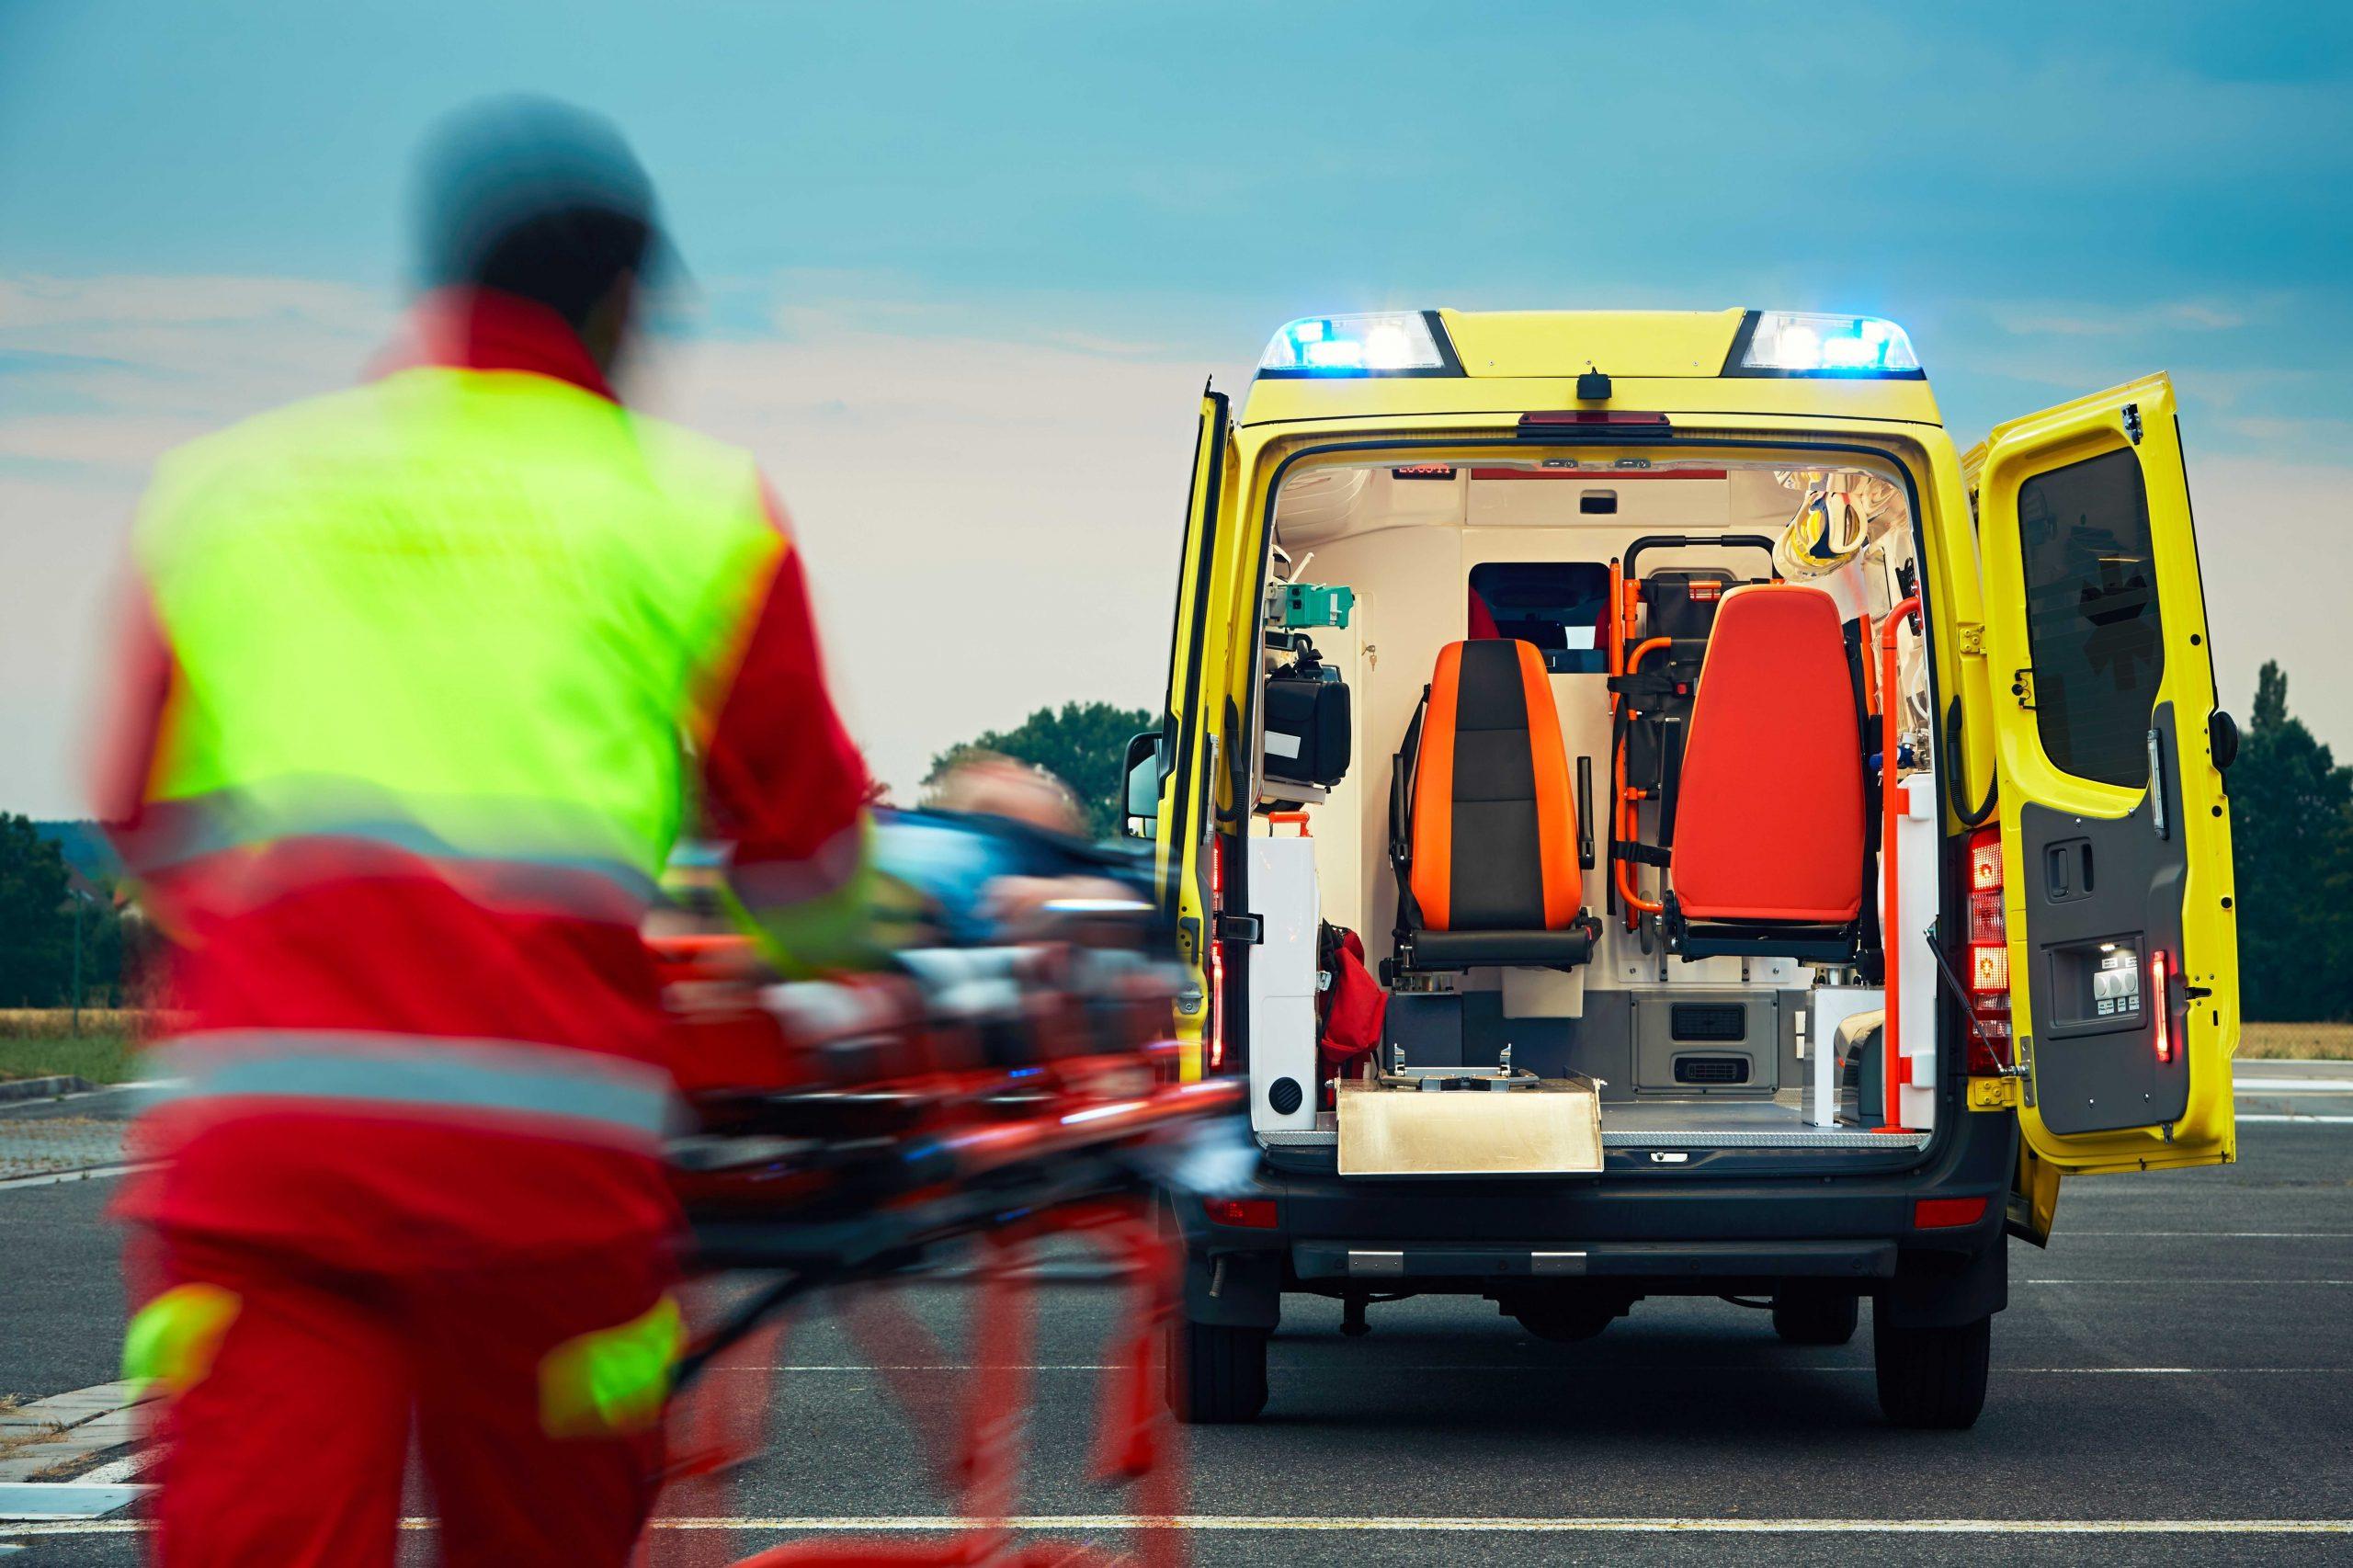 Ambulance USA Ambulance at Tarmac scaled